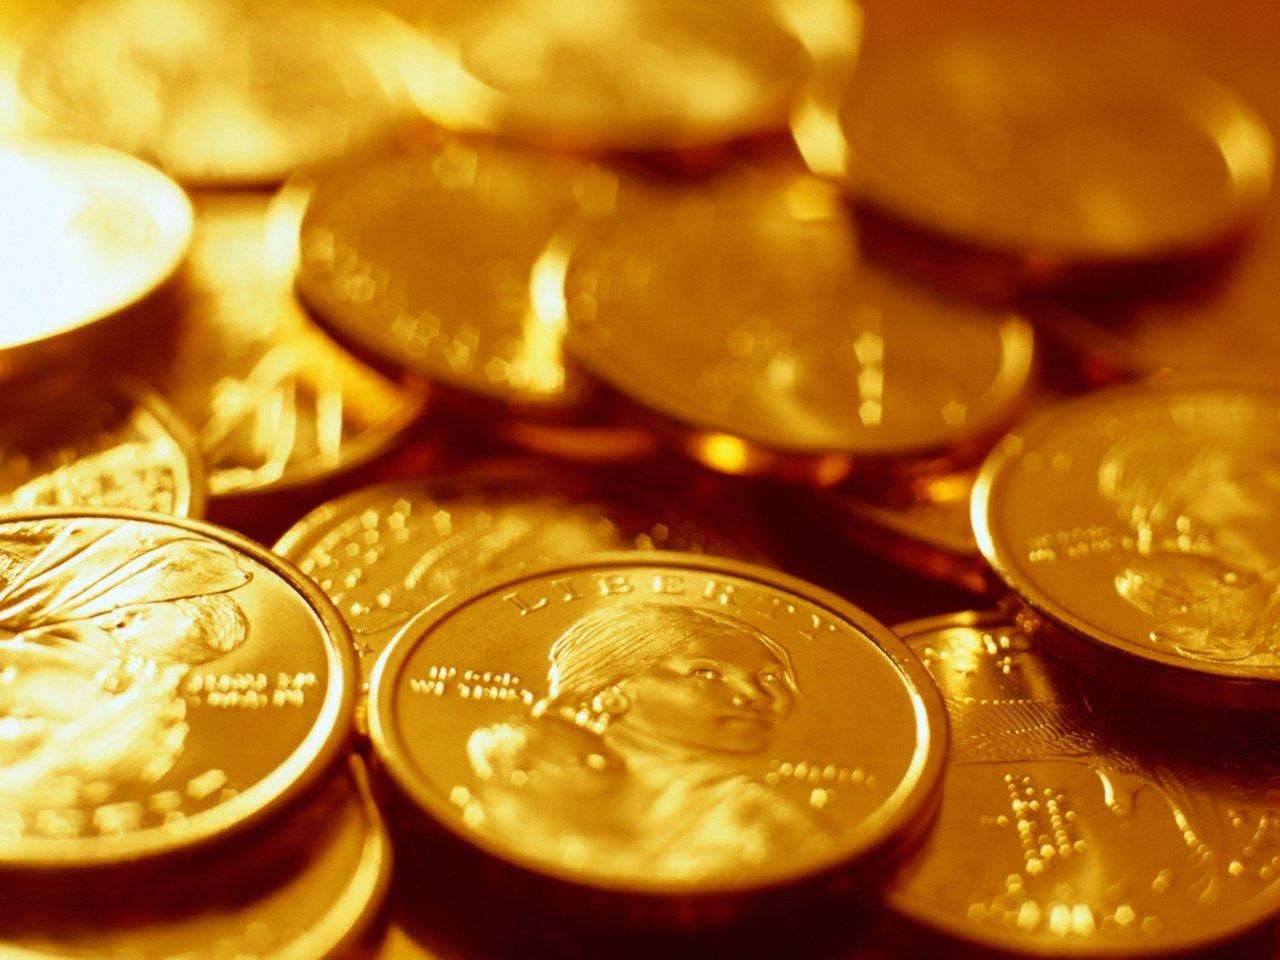 В Израиле школьники нашли византийскую золотую монету возрастом 1600 лет